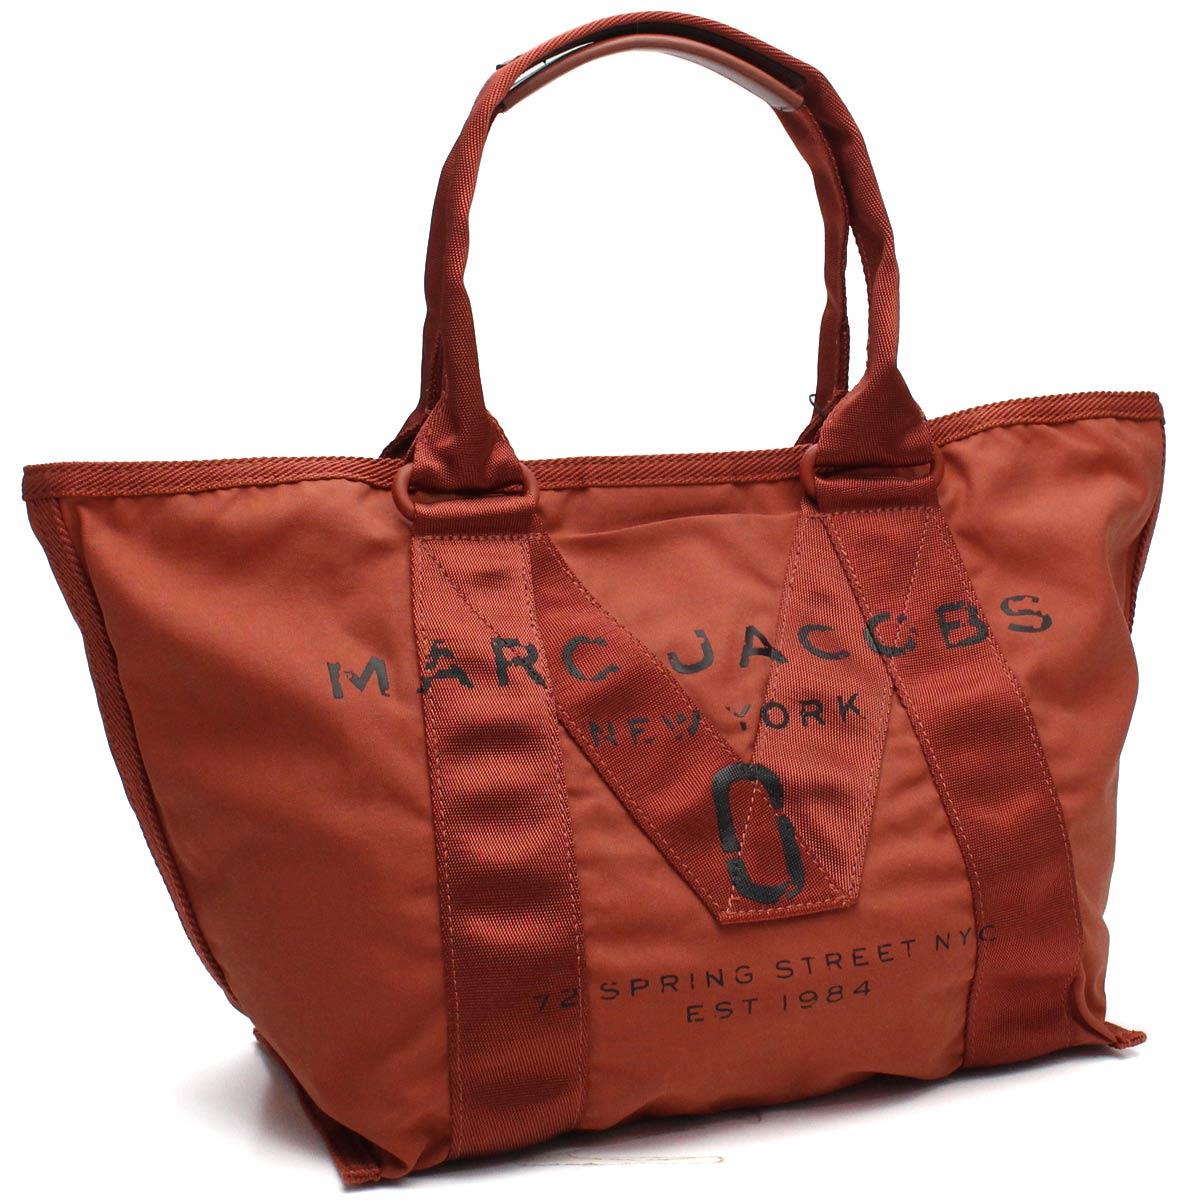 マーク ジェイコブス MARC JACOBS バッグ NEW LOGO TOTE ニューロゴ トート バッグ M0011222 800 ORANGE オレンジ系 【レディース】【dl】brand